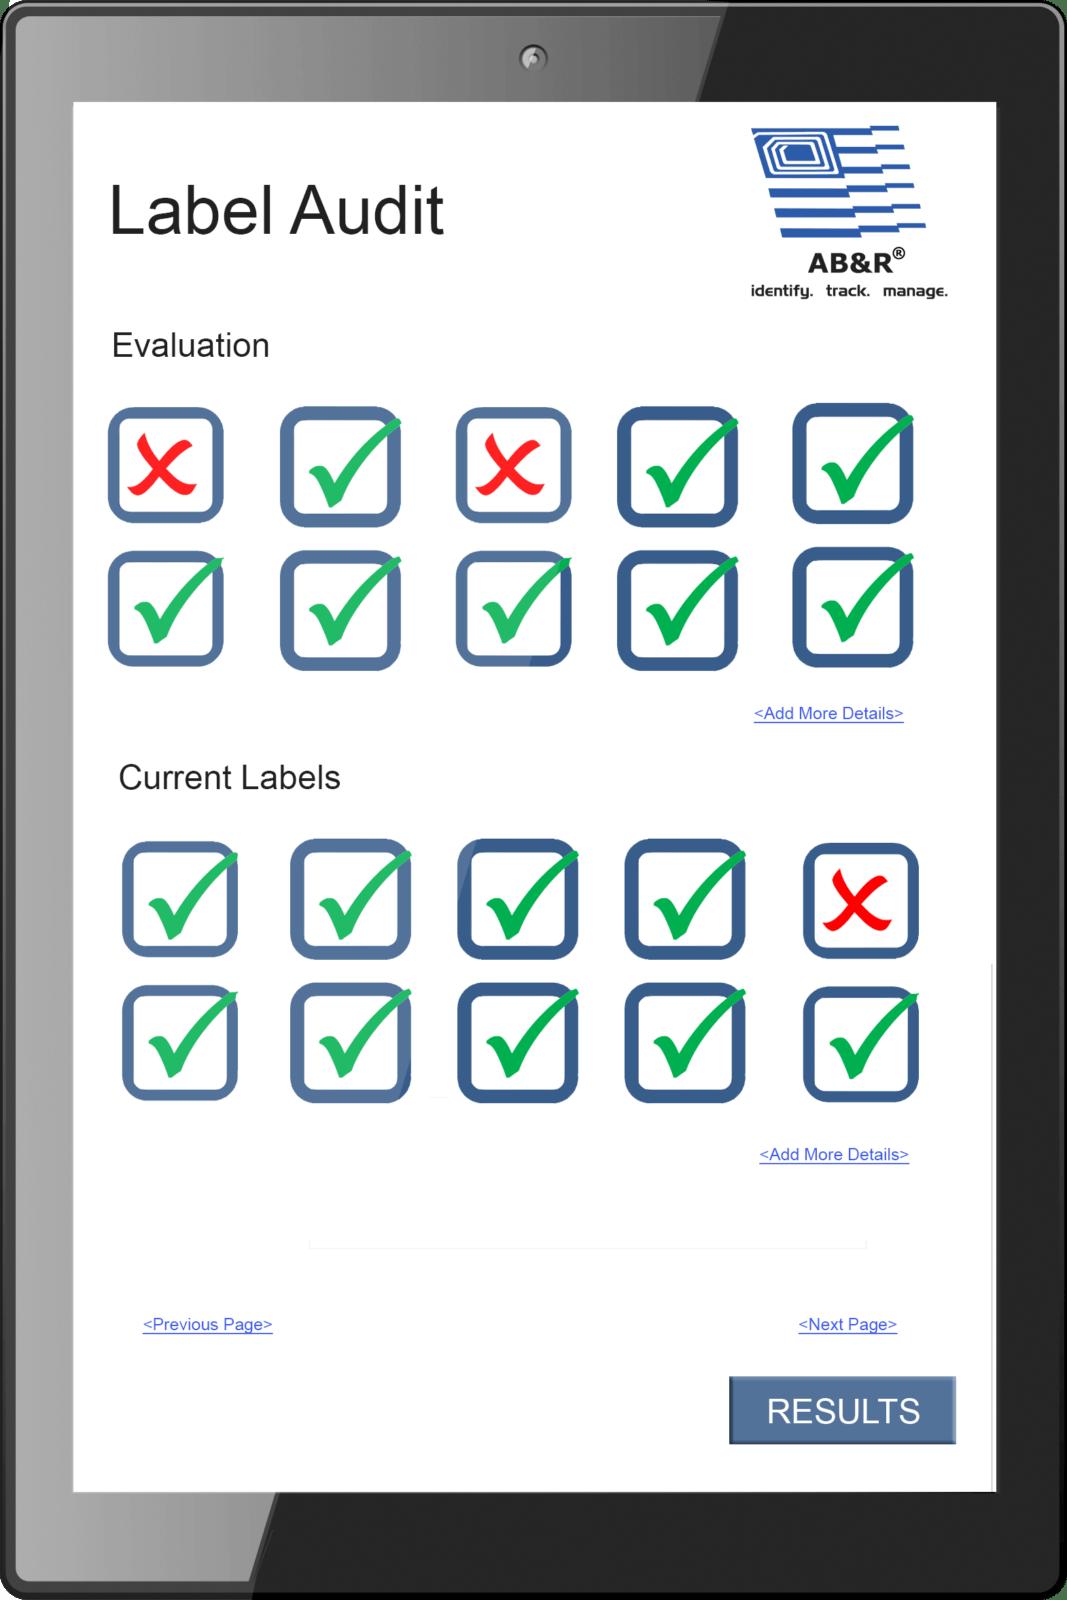 Label Audit Label Assessment